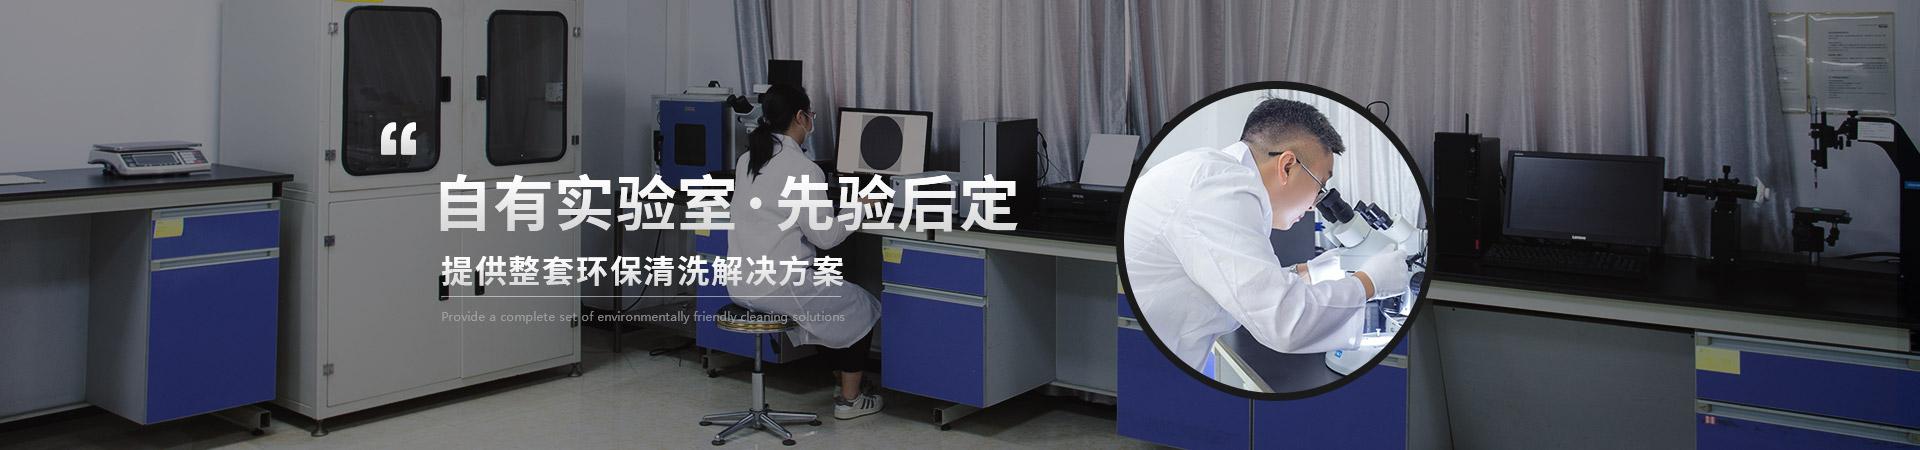 鑫承诺-自有实验室·先验后定提供整套环保清洗解决方案